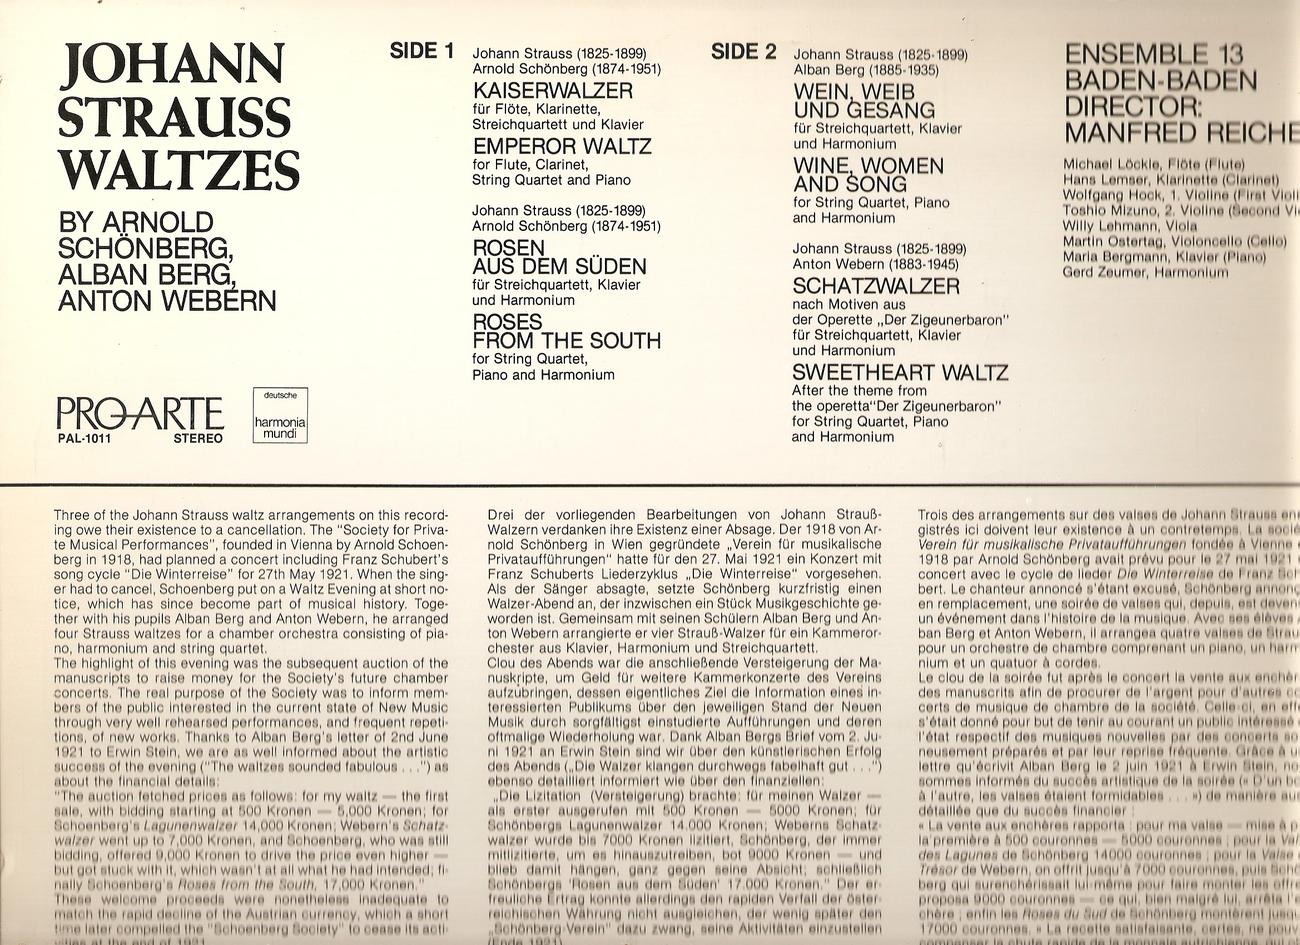 LP--ARNOLD SCBONBERG-ALBAN BERG-ANTON WEBERN -JOHANN STRAUSS WALTZES